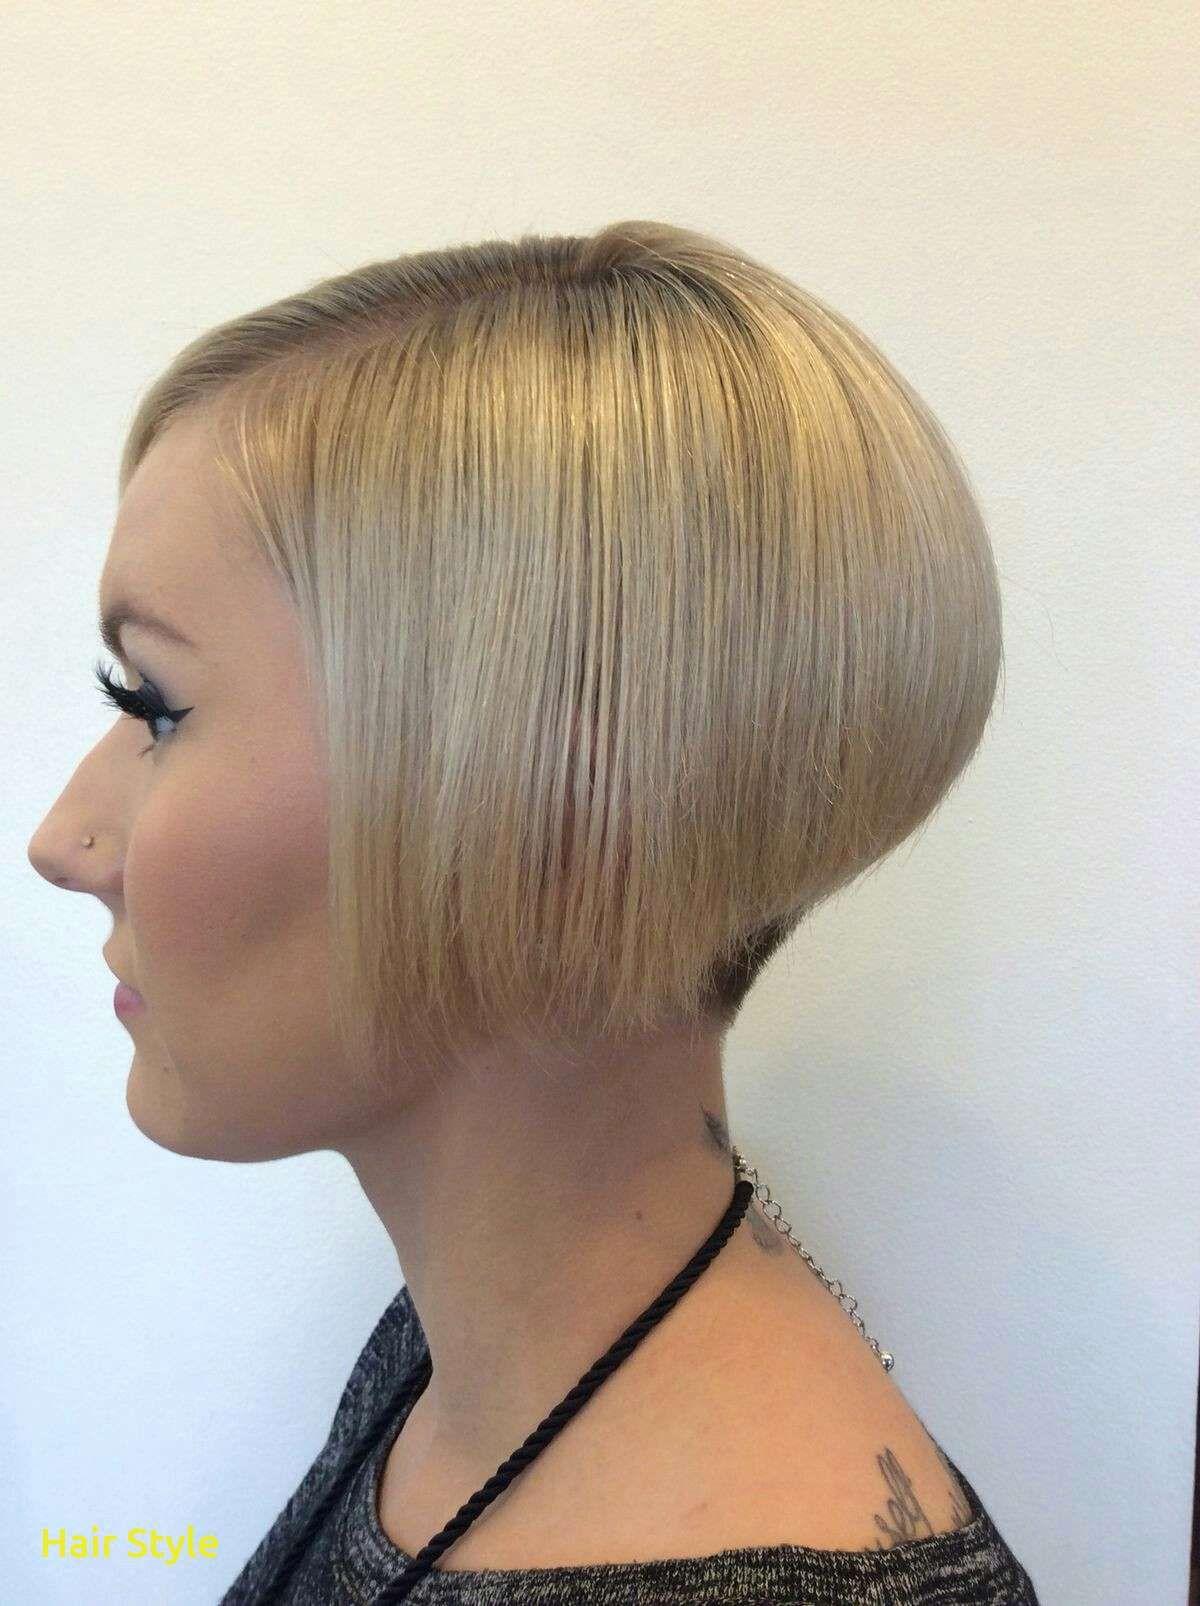 Fantastische Frisuren Fur Den Sommer 2019 Haare Trends 2019 Bob